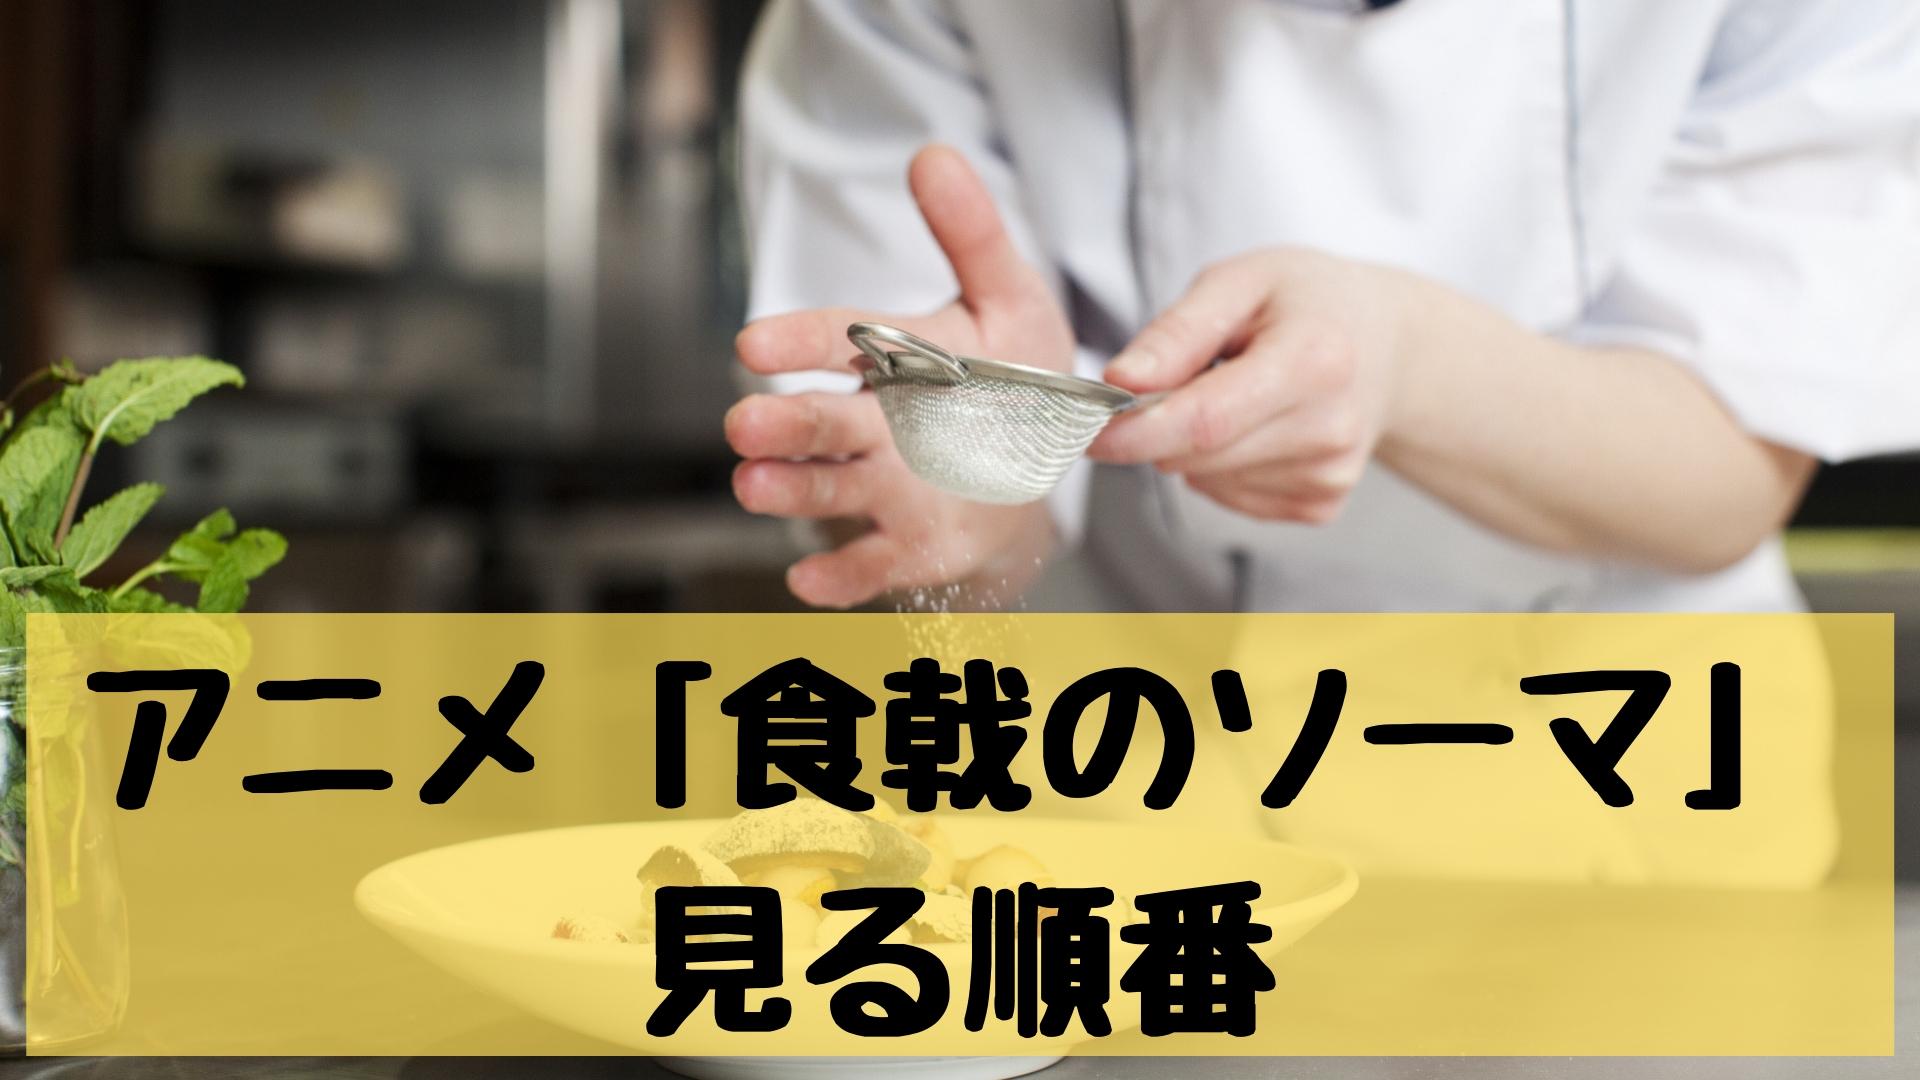 アニメ「食戟のソーマ」の見る順番は?1期~3期までを解説!